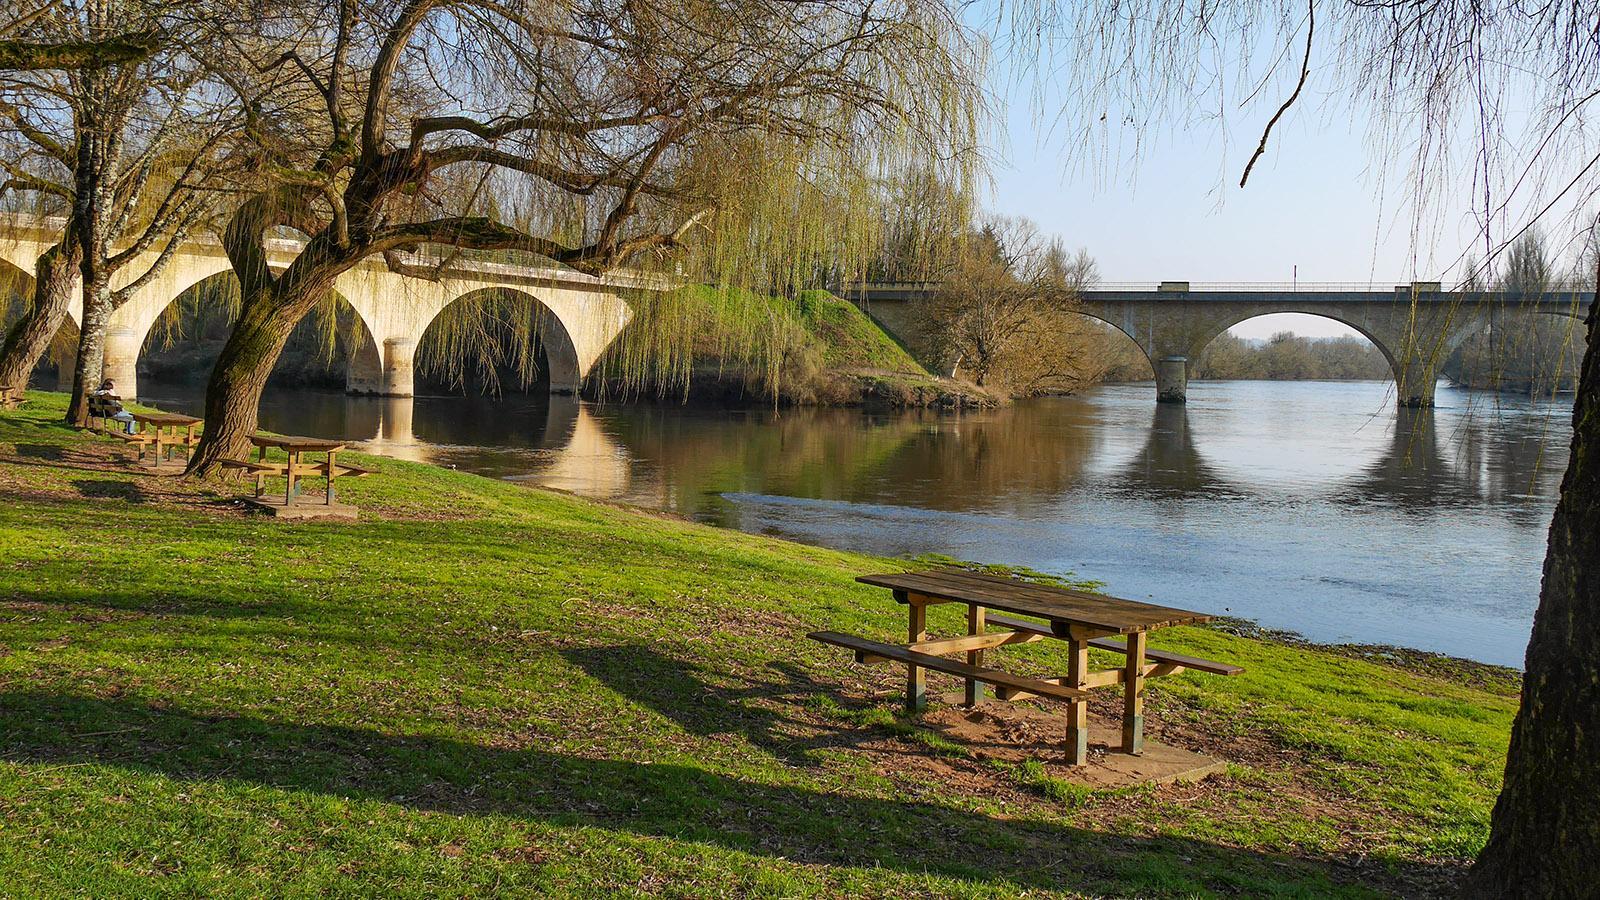 Am Zusammenfluss von Dordogne und Vézère. Foto: Kerstin Gorges